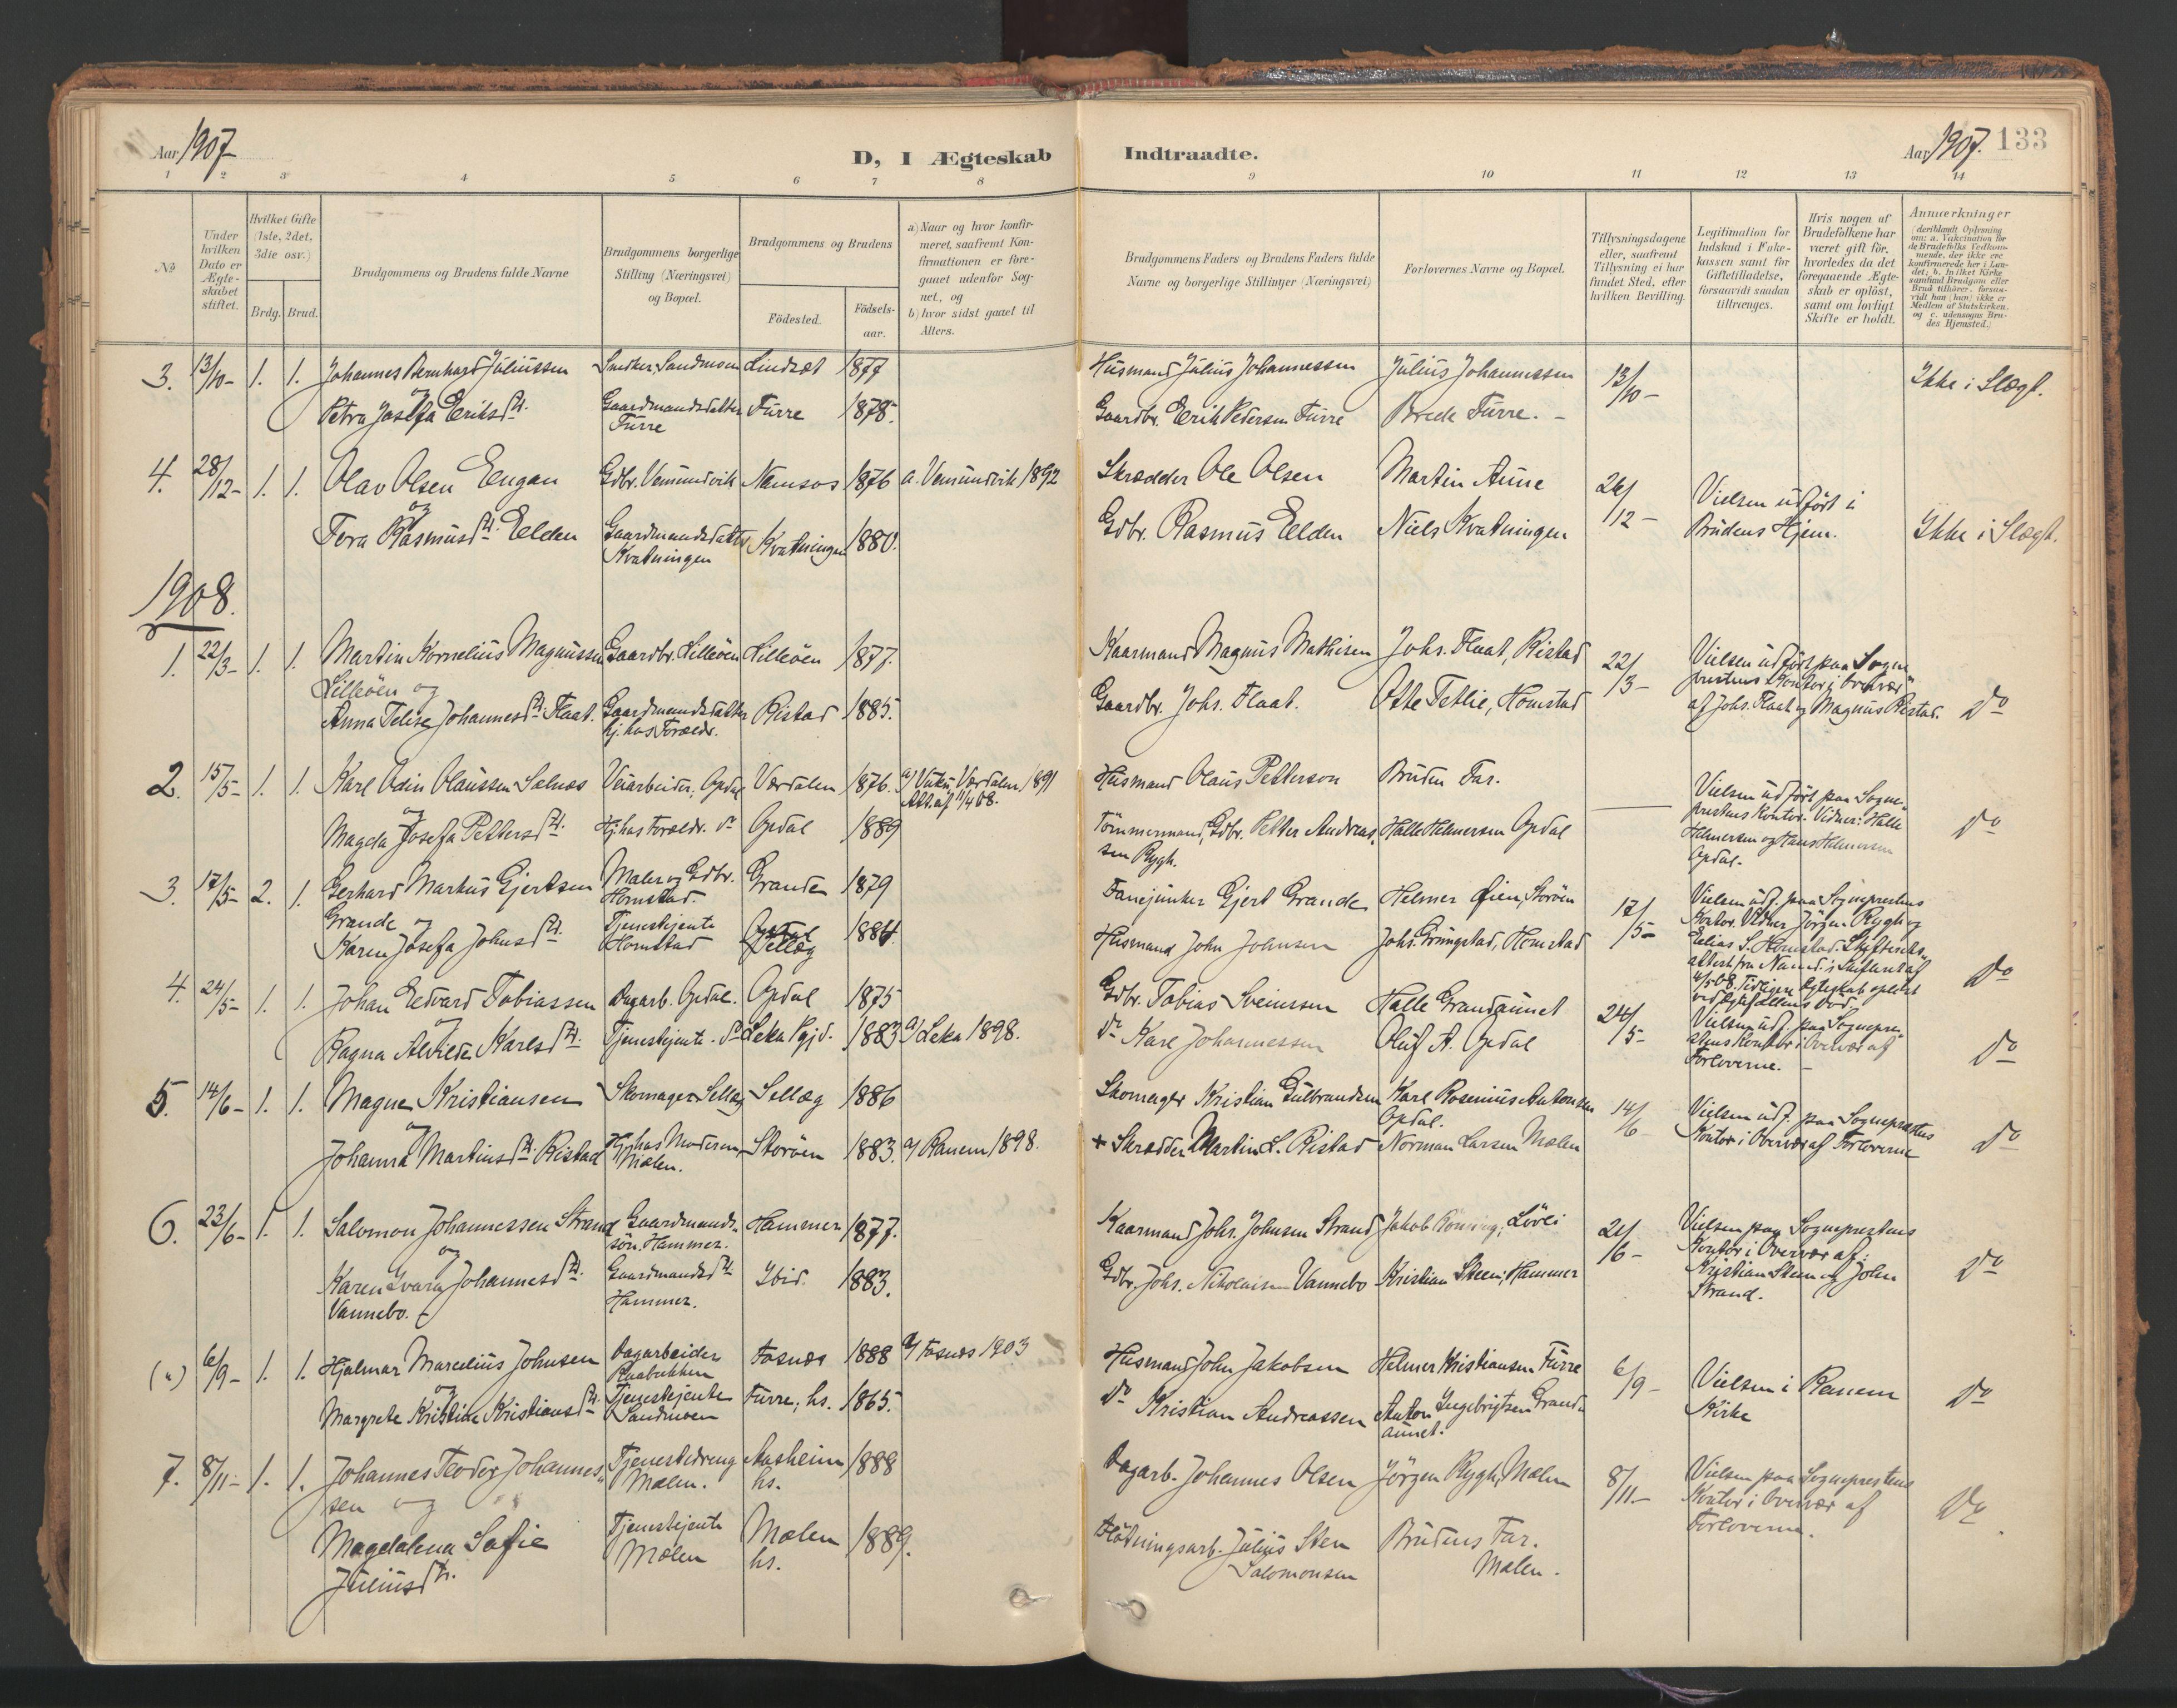 SAT, Ministerialprotokoller, klokkerbøker og fødselsregistre - Nord-Trøndelag, 766/L0564: Ministerialbok nr. 767A02, 1900-1932, s. 133